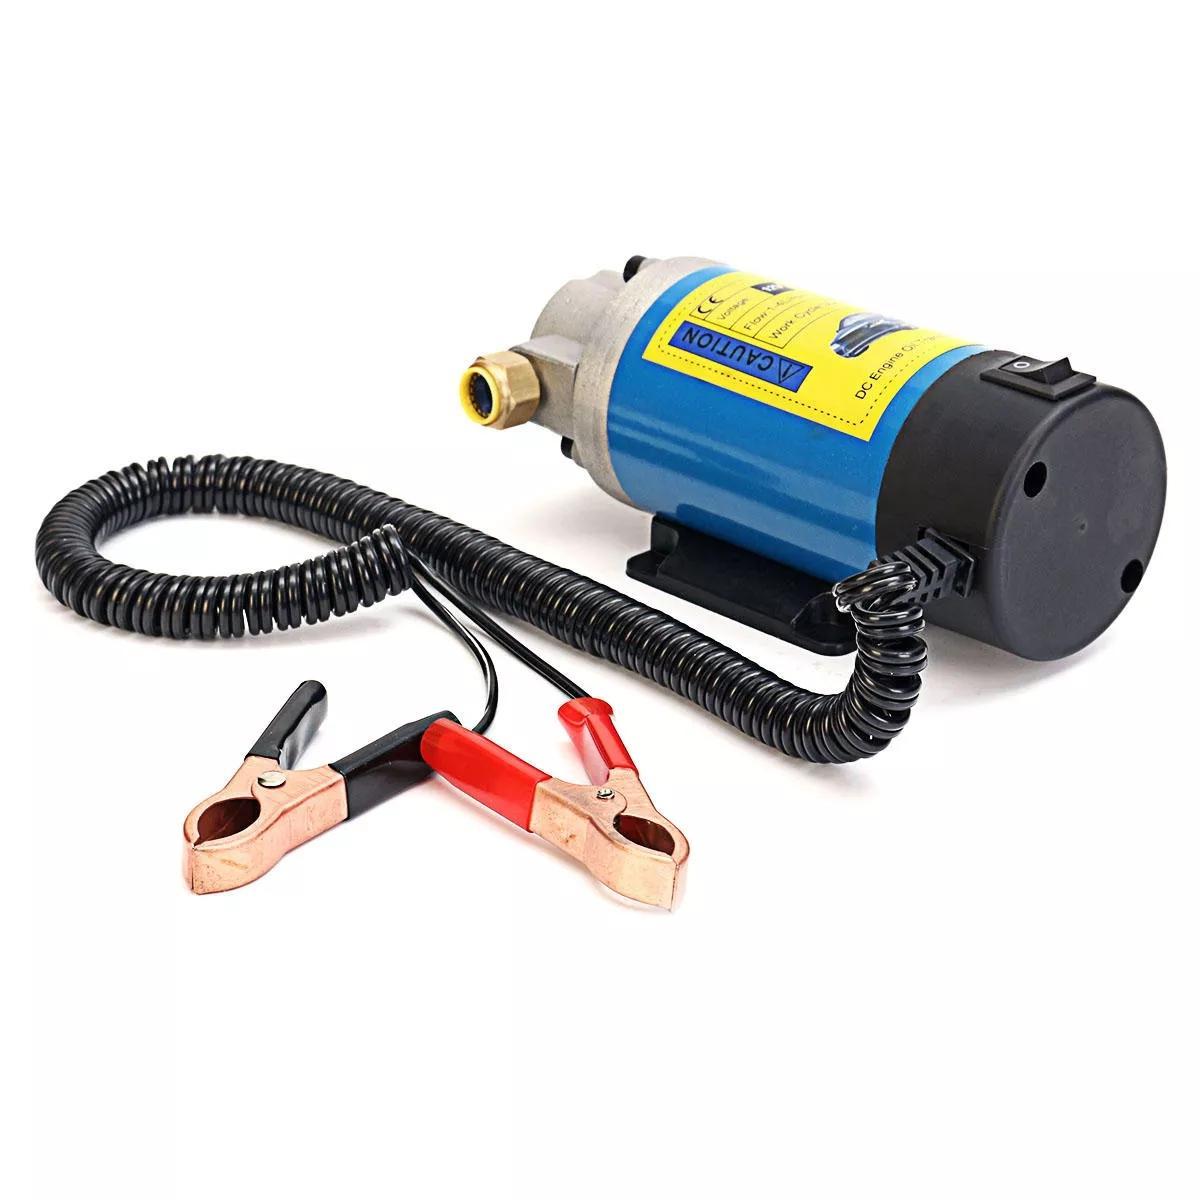 Φορητή Αντλία Αλλαγής Λαδιών & Καυσίμων 12V 100W